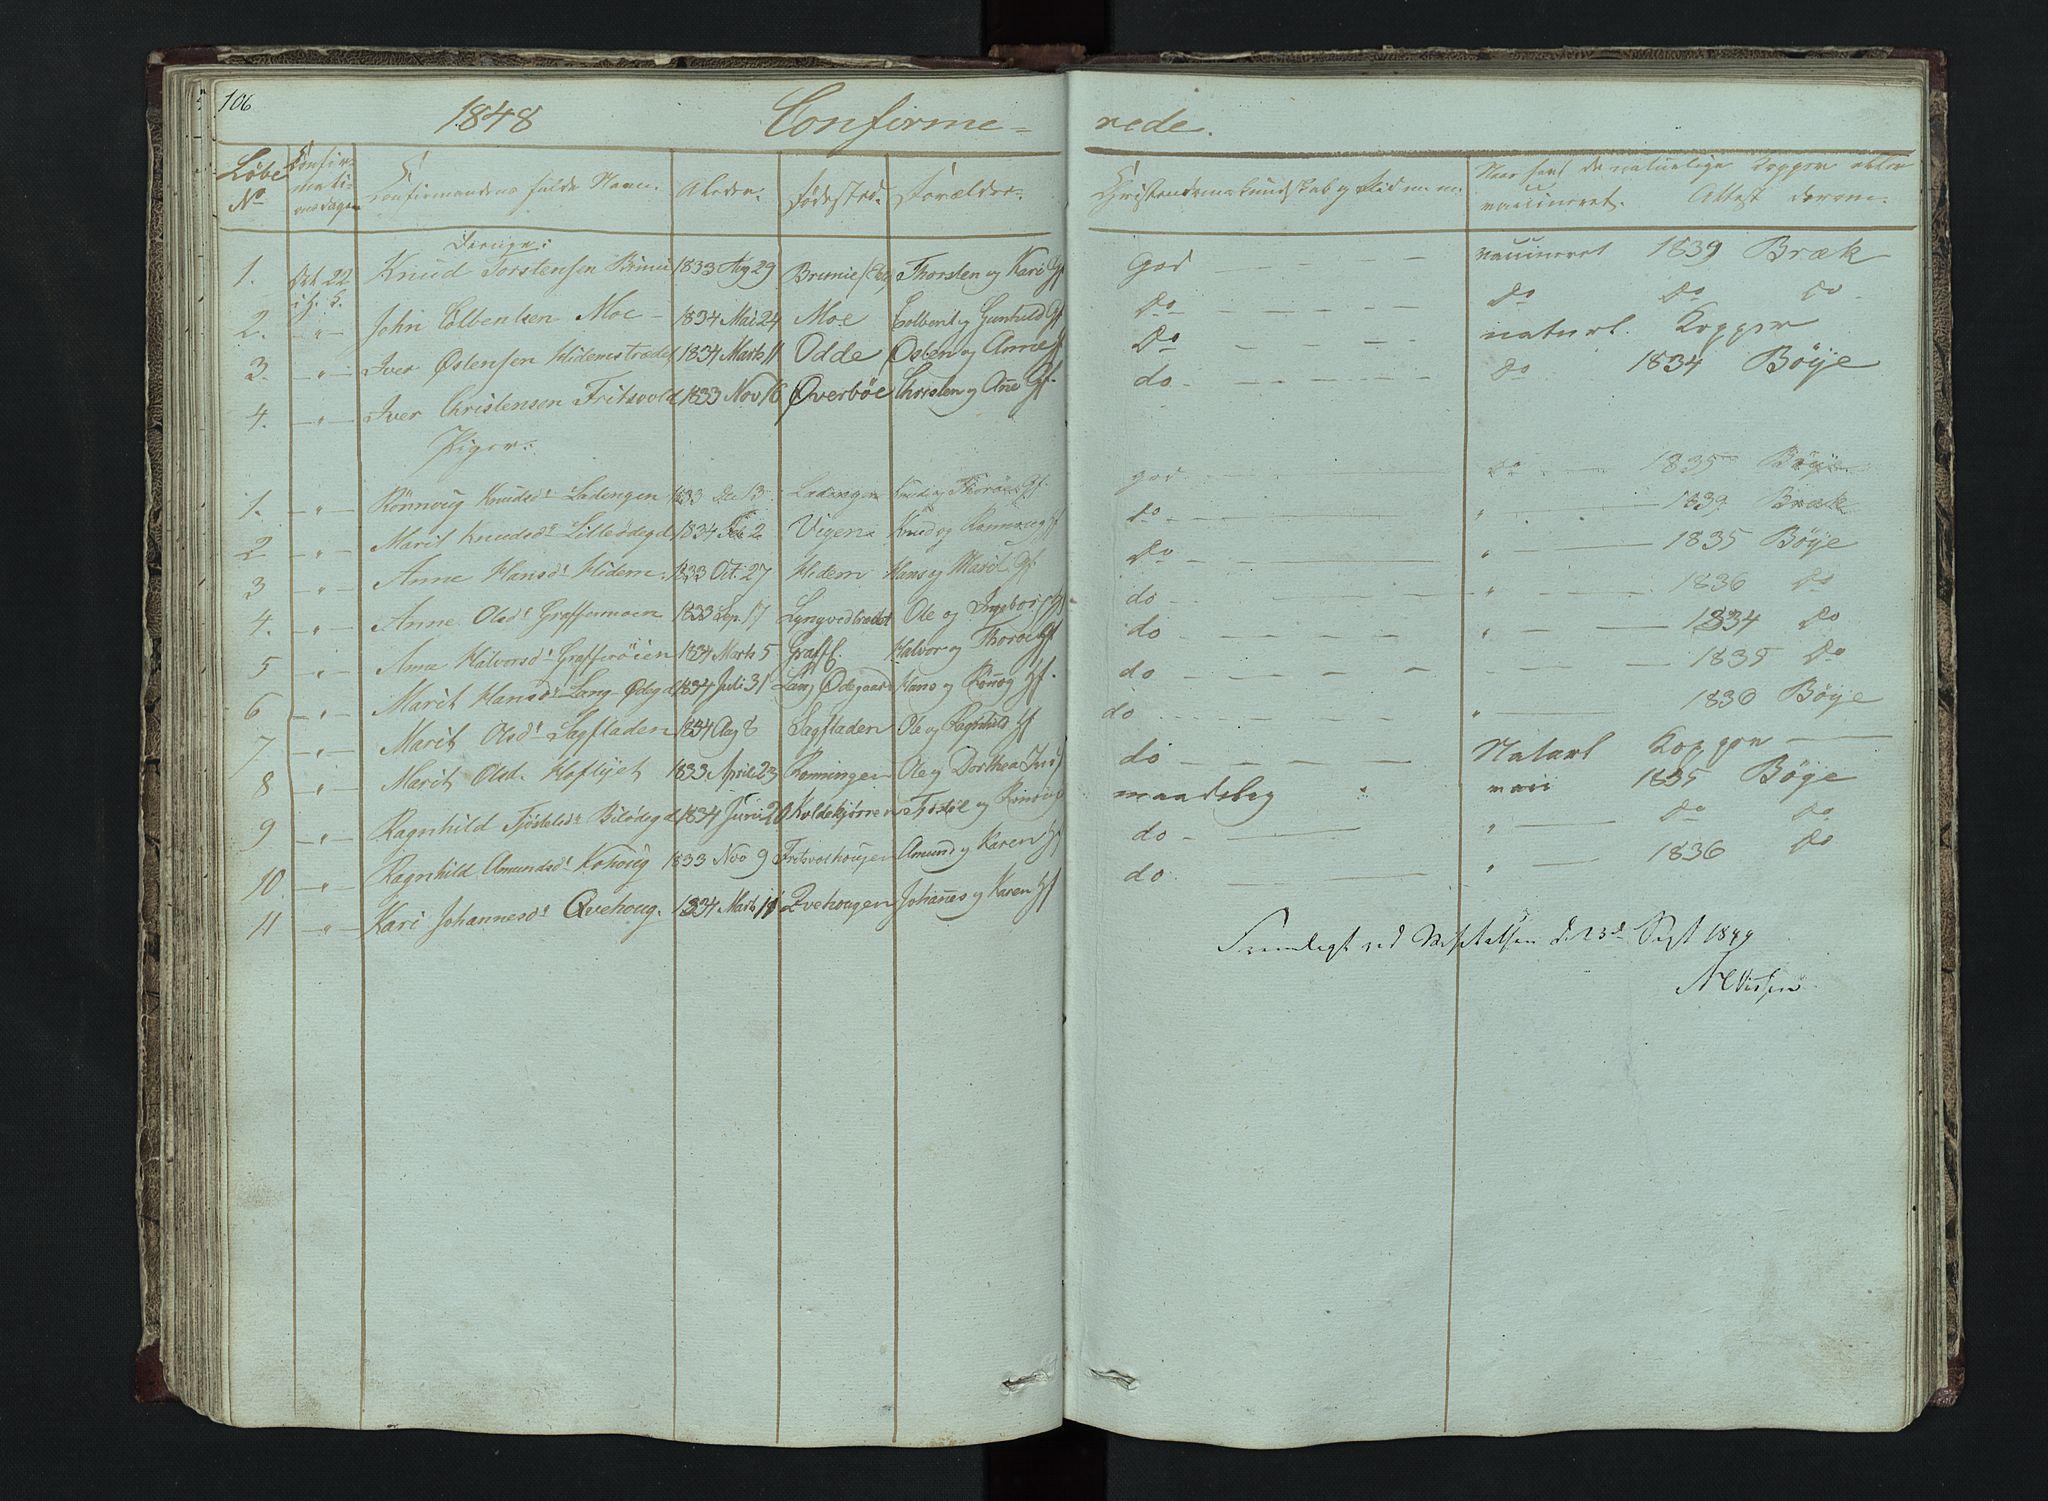 SAH, Lom prestekontor, L/L0014: Klokkerbok nr. 14, 1845-1876, s. 106-107